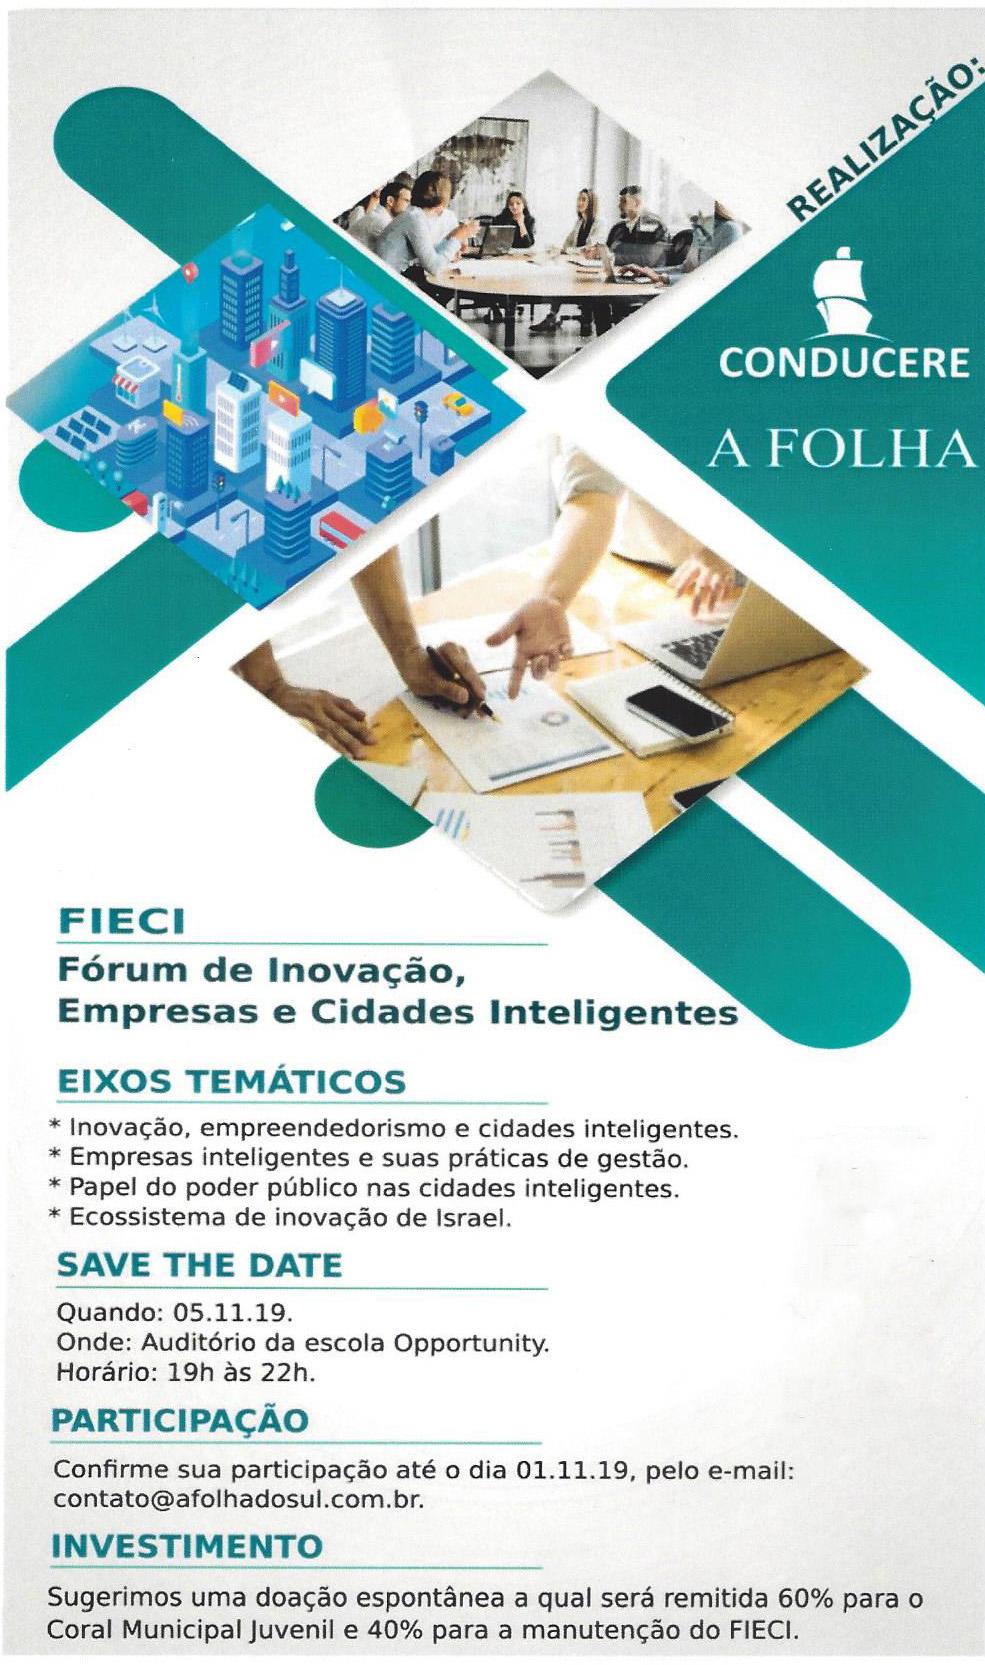 Jornal A Folha e Conducere promovem Fórum de Inovação Empresas e Cidades Inteligentes